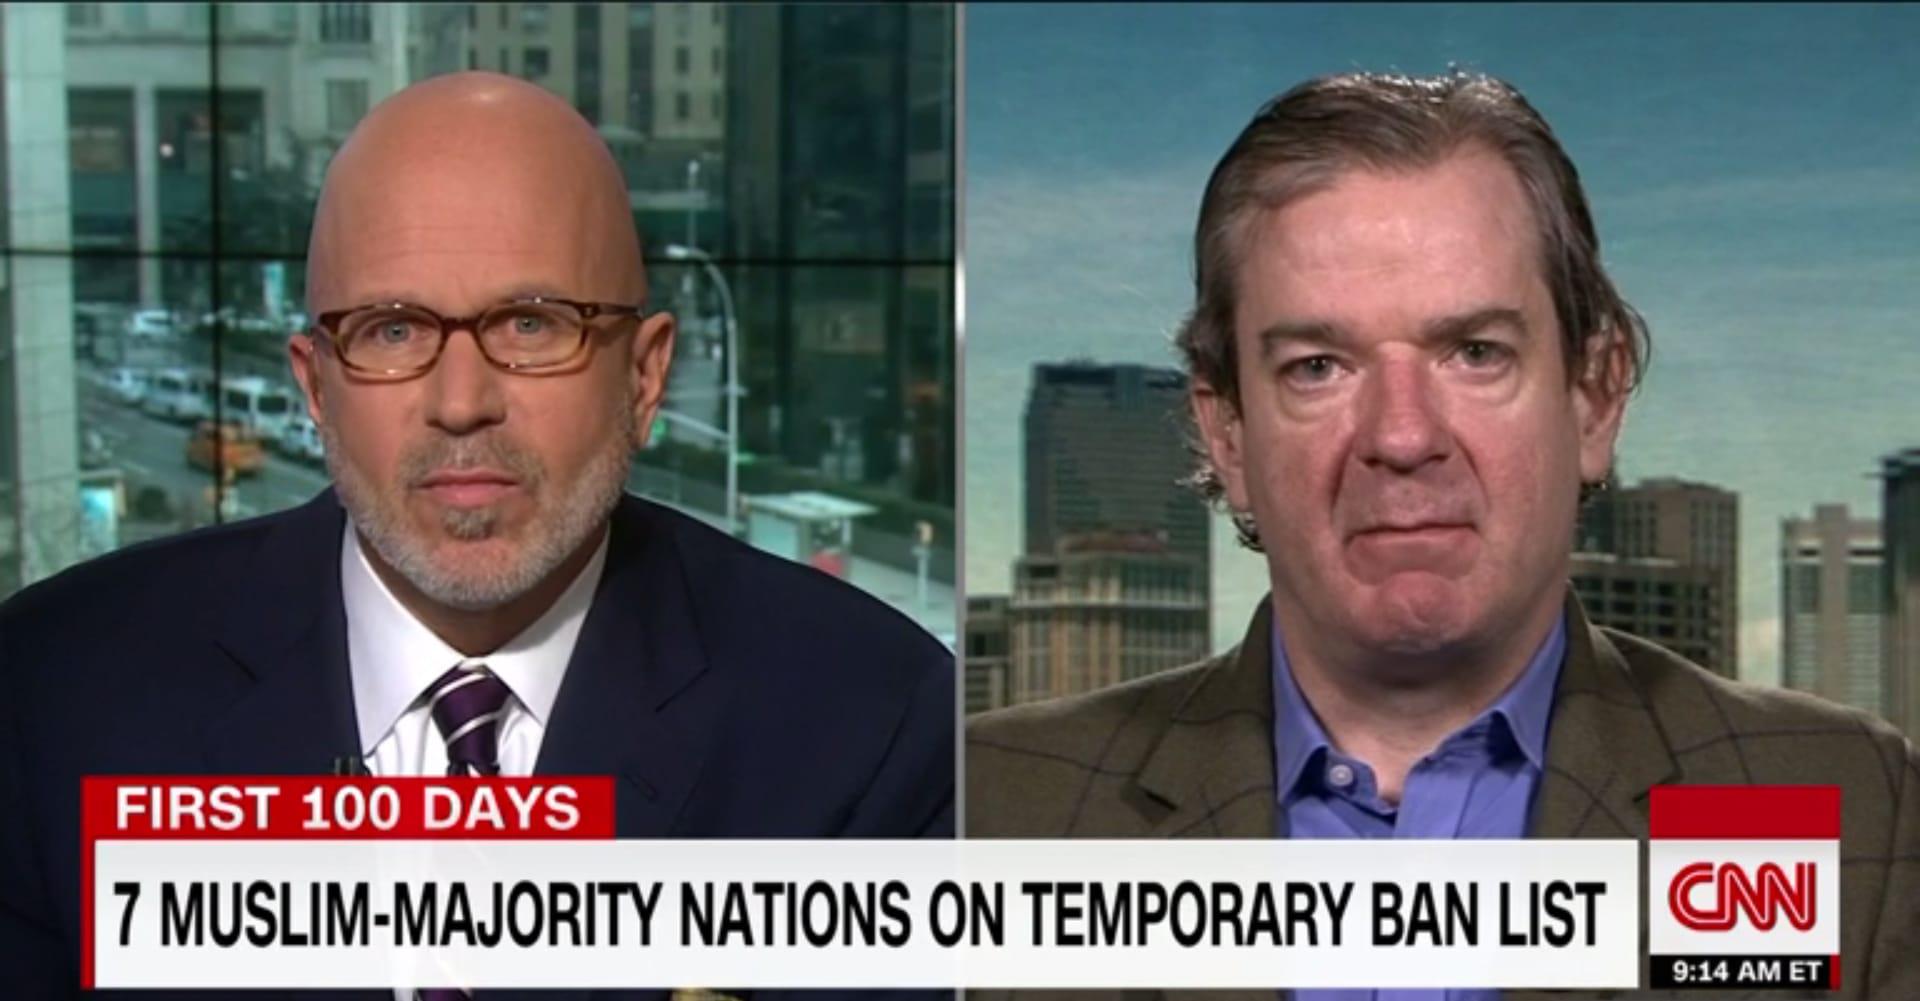 """بيتر بيرغن يعلق لـCNN على """"حظر ترامب"""": لن يحاول أي إرهابي """"عاقل"""" من داعش التسلل لأمريكا كلاجئ سوري"""